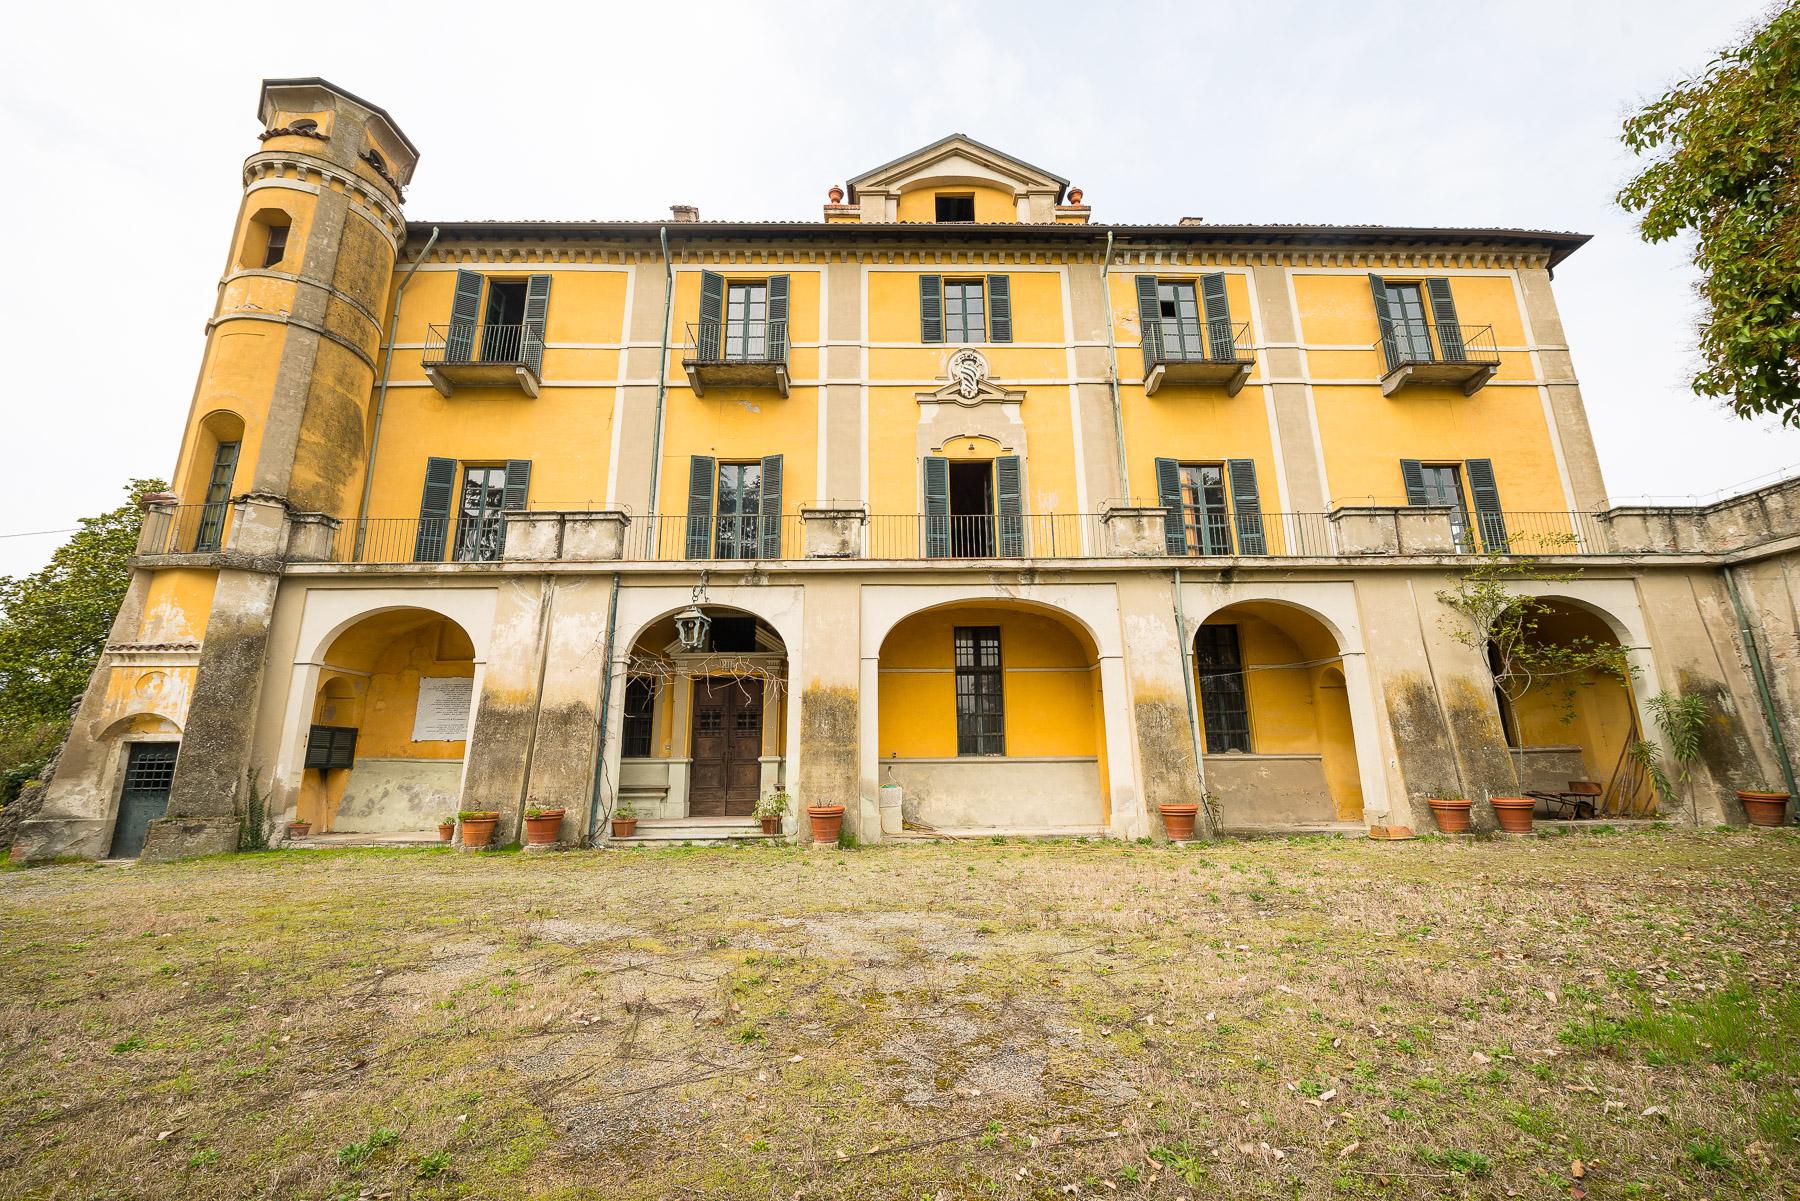 Imponente villa in stile barocco piemontese a Moncestino